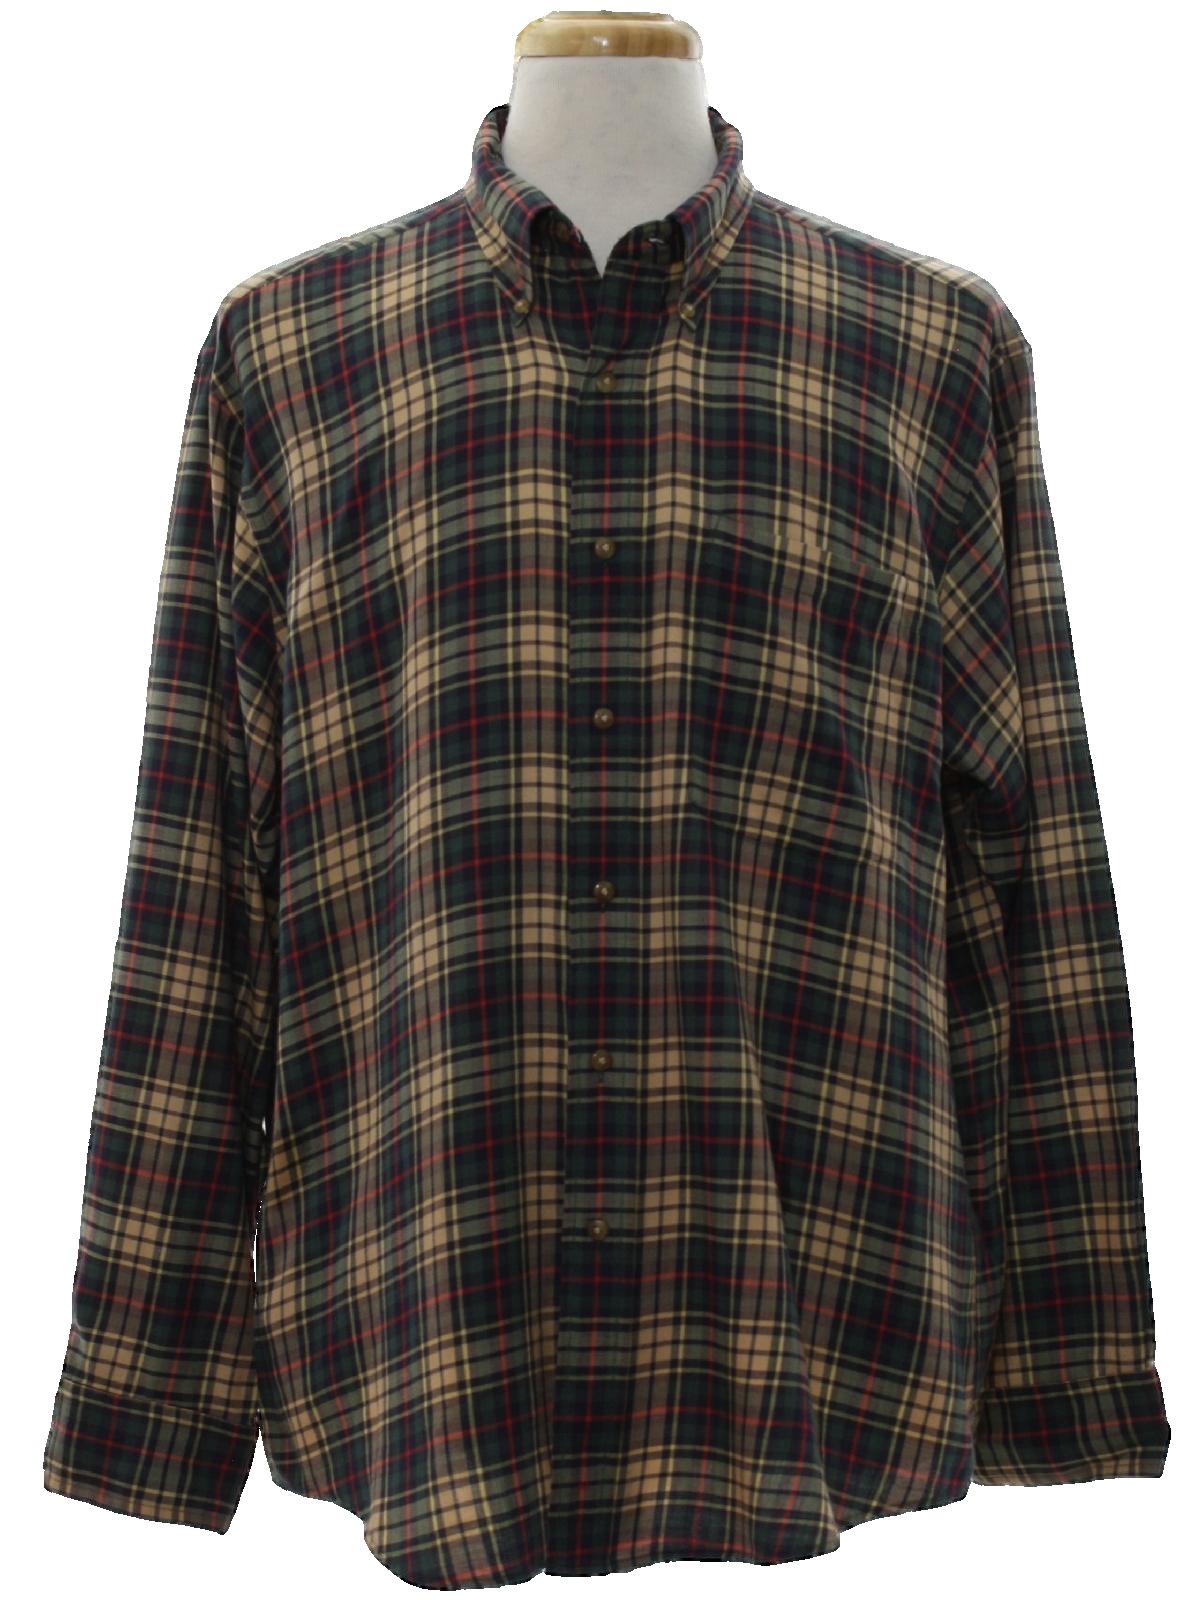 0af764d4af2 60 s Vintage Shirt  Late 60s -Lochlana by Hathaway- Mens tan background